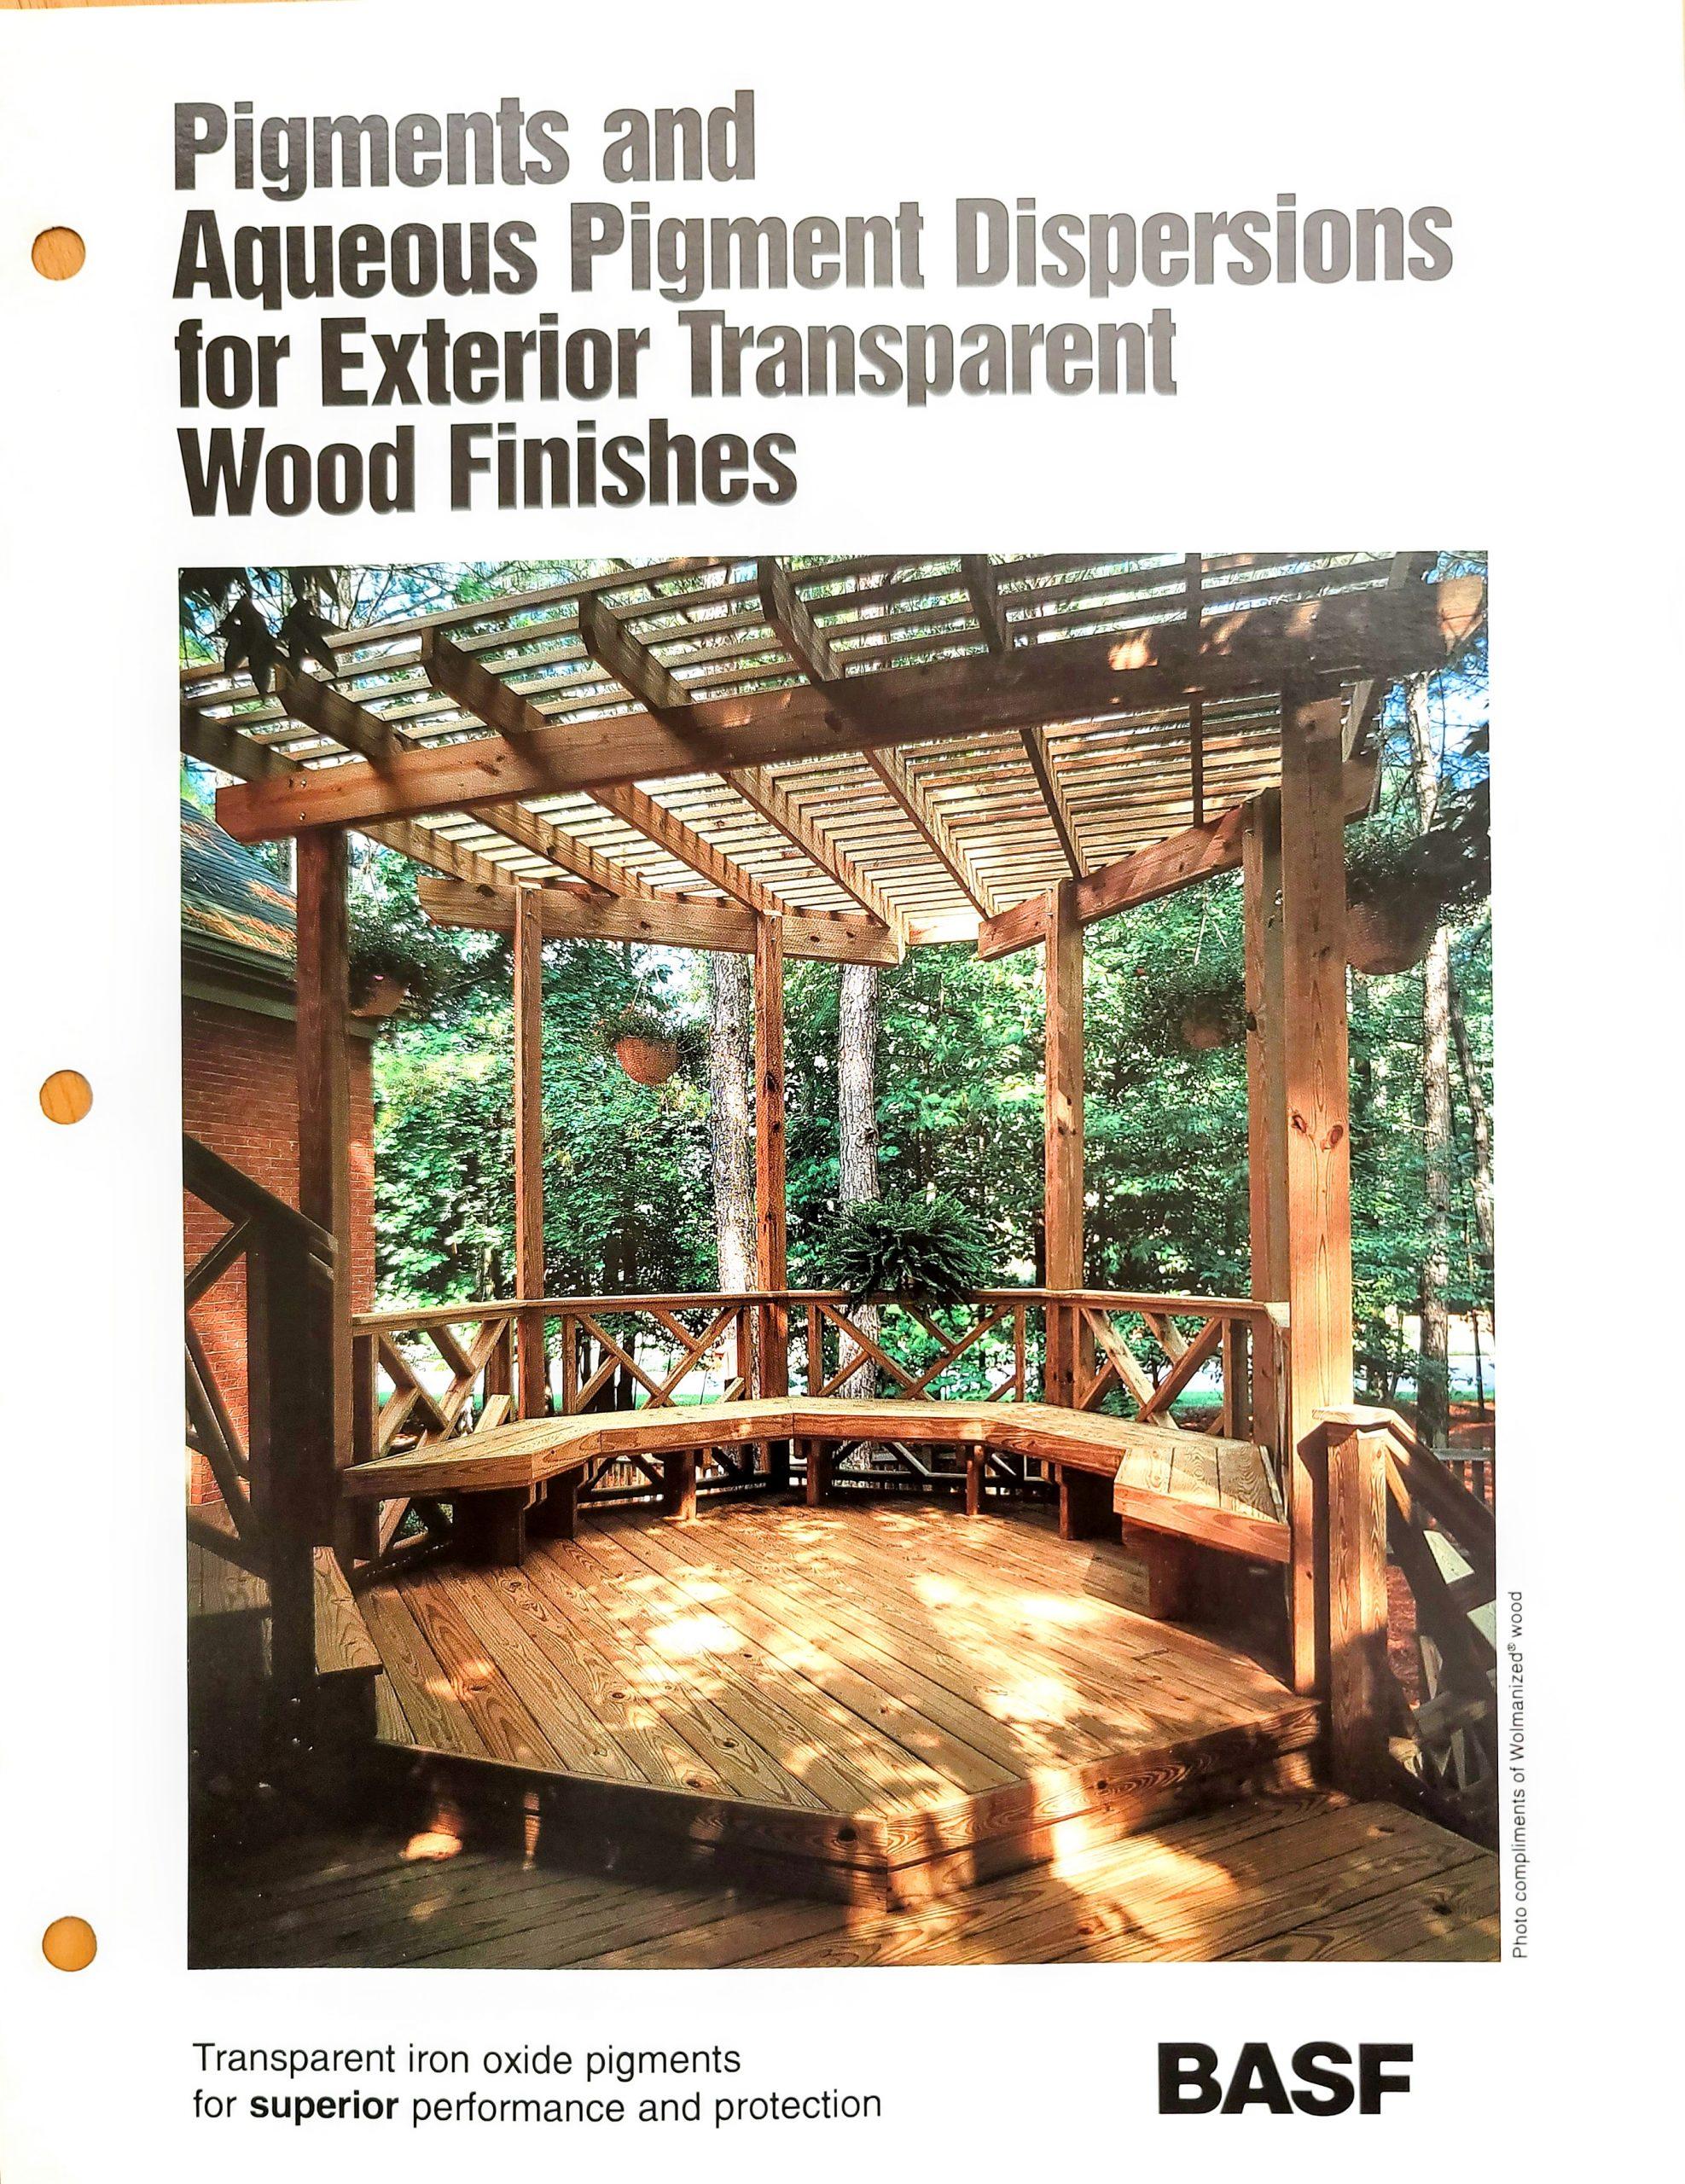 basf_colorants_wood finishes_brochure_17